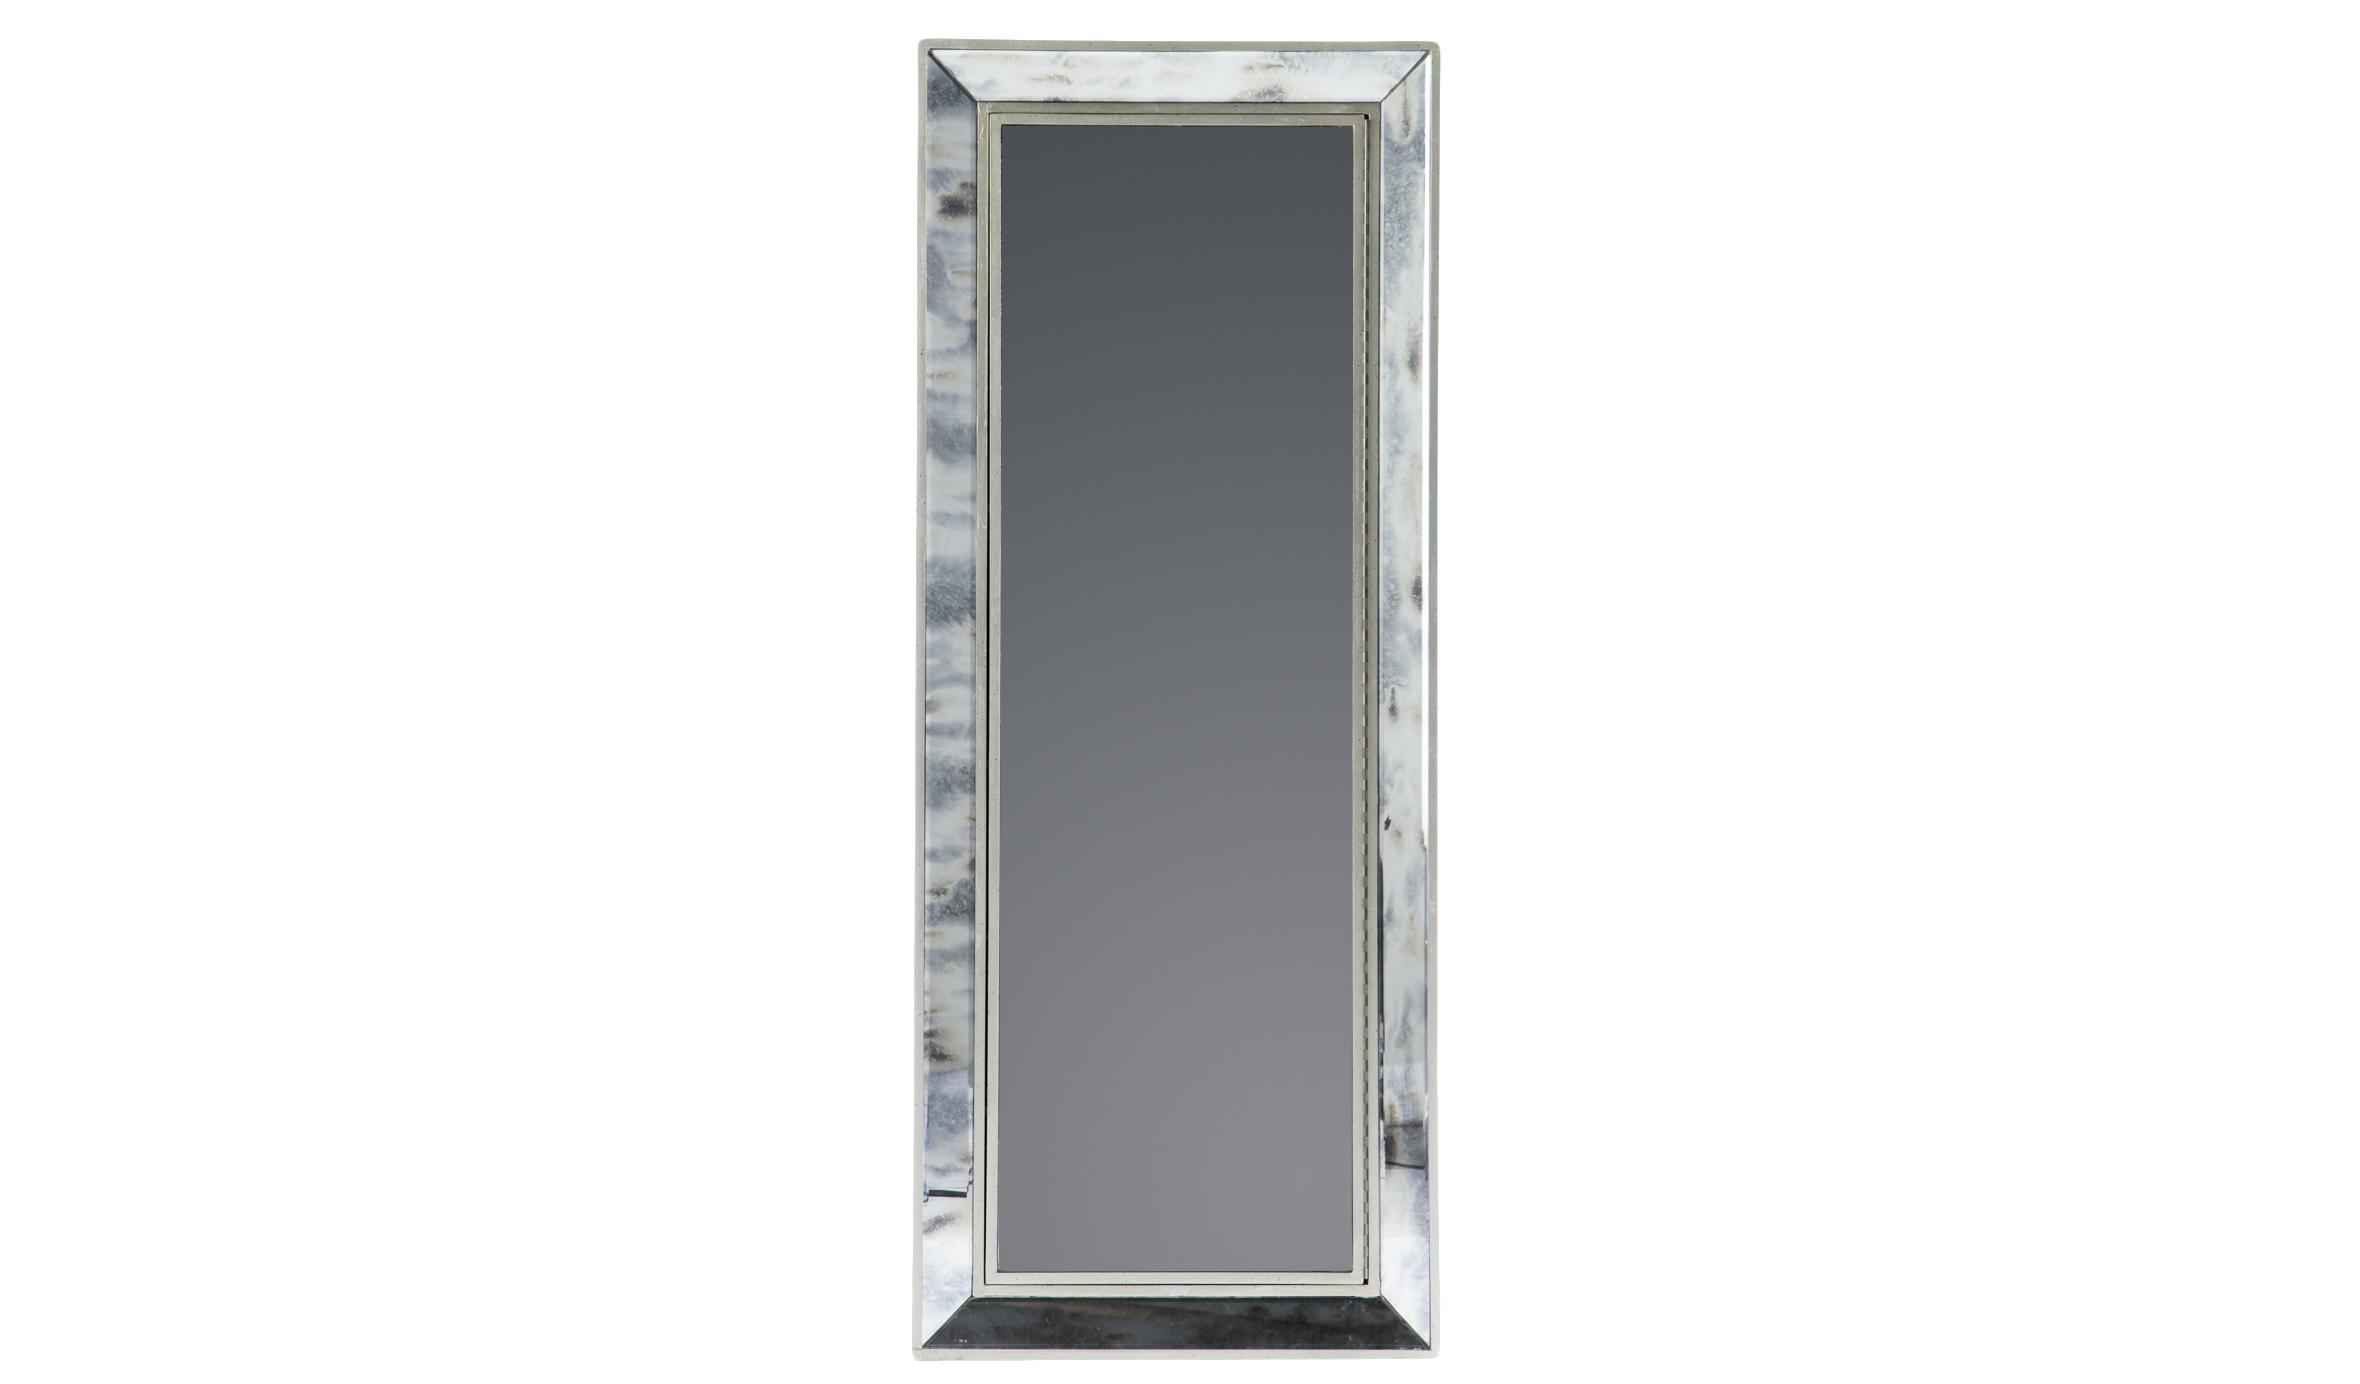 ЗеркалоНастенные зеркала<br>Подвесной шкафчик с зеркалом на дверце, внутри полочки и крючки. Красивый и функциональный аксессуар для Вашего интерьера!<br><br>Material: Стекло<br>Width см: 62<br>Depth см: 13<br>Height см: 153